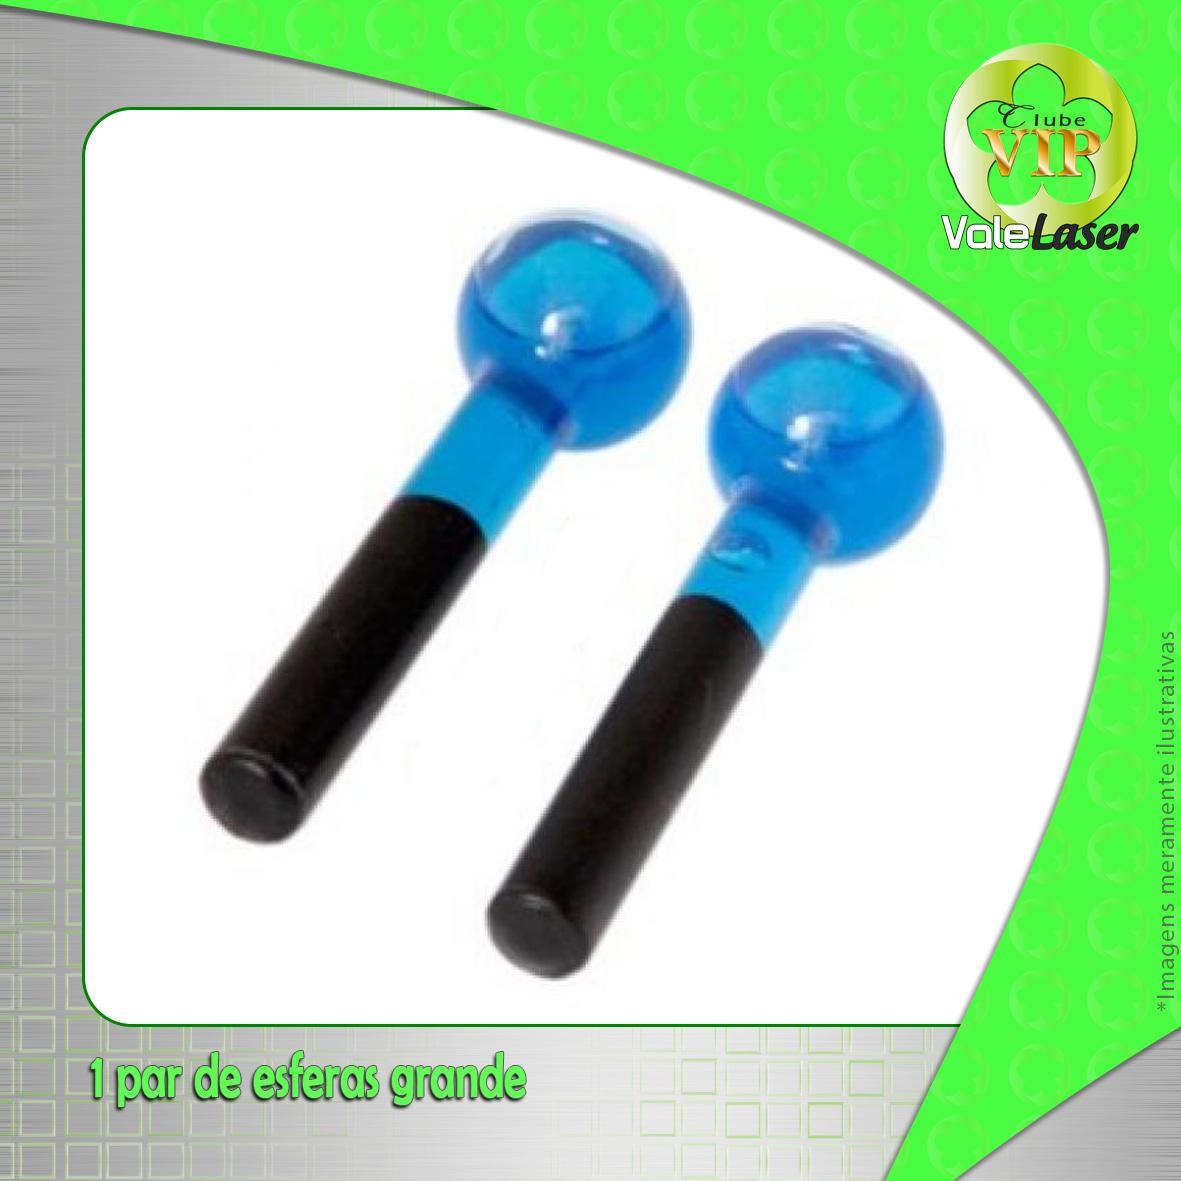 1 par de esferas G